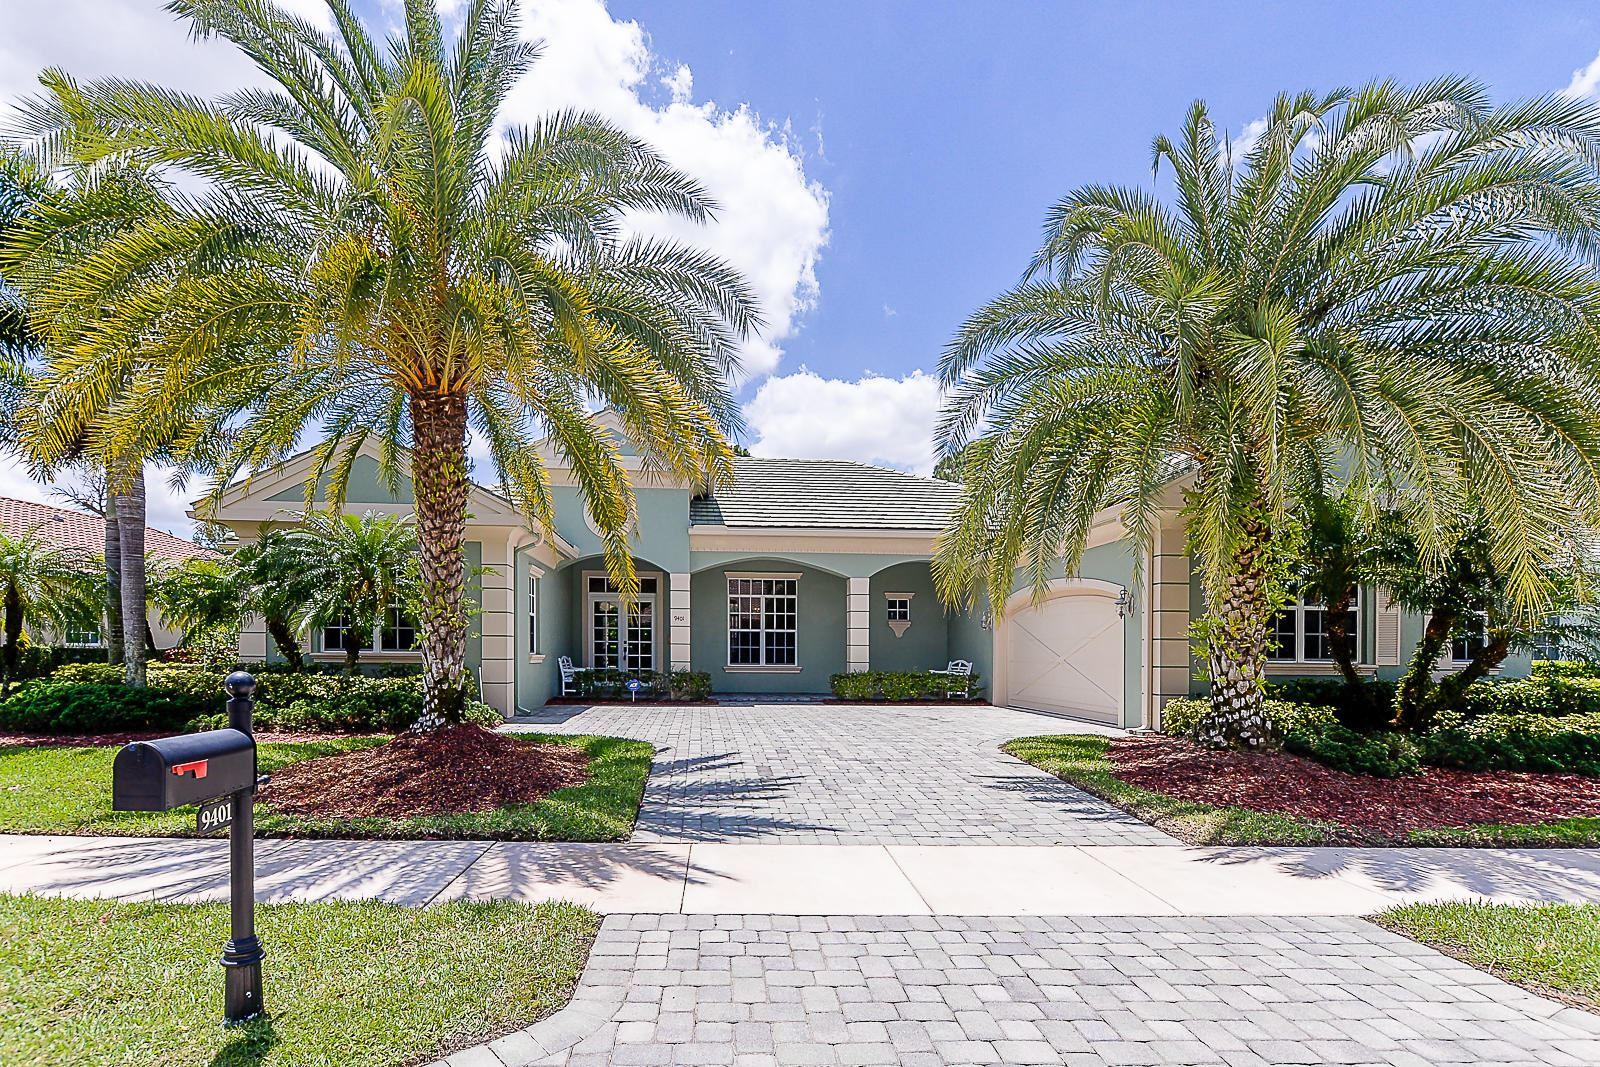 9401 Scarborough Court, Port Saint Lucie, FL 34986 - #: RX-10621176